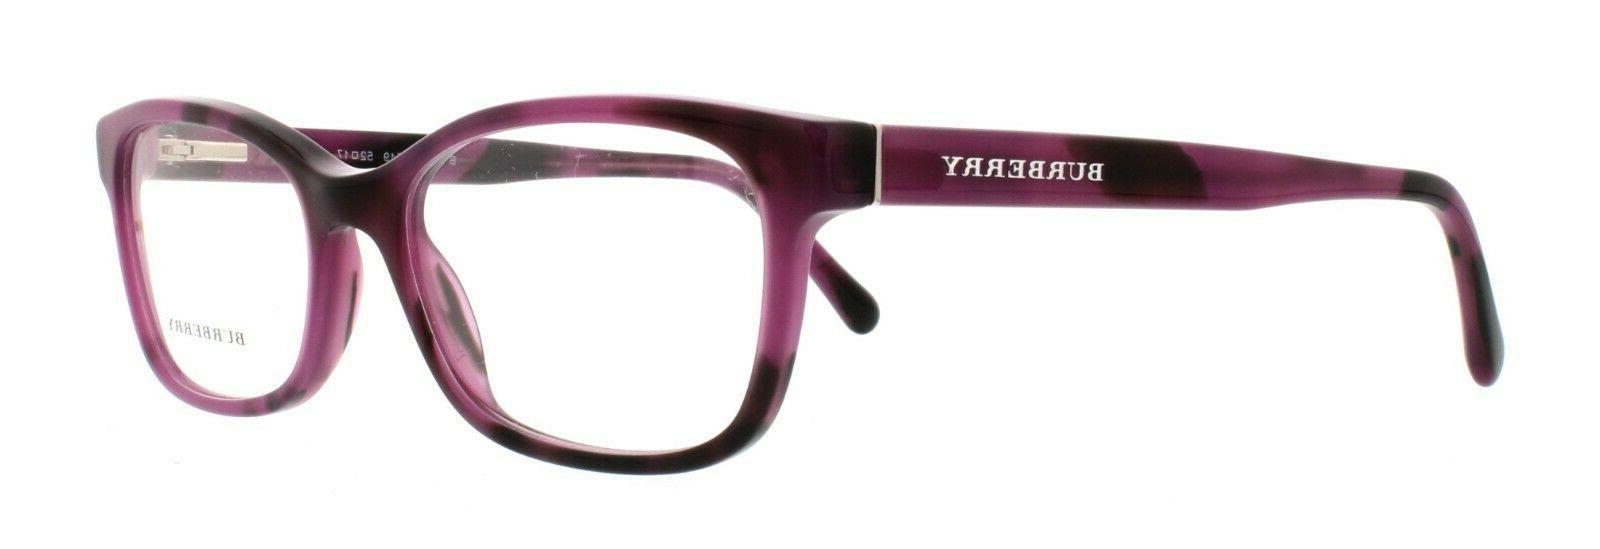 NWT Burberry Eyeglasses BE 2201 W/ NIB